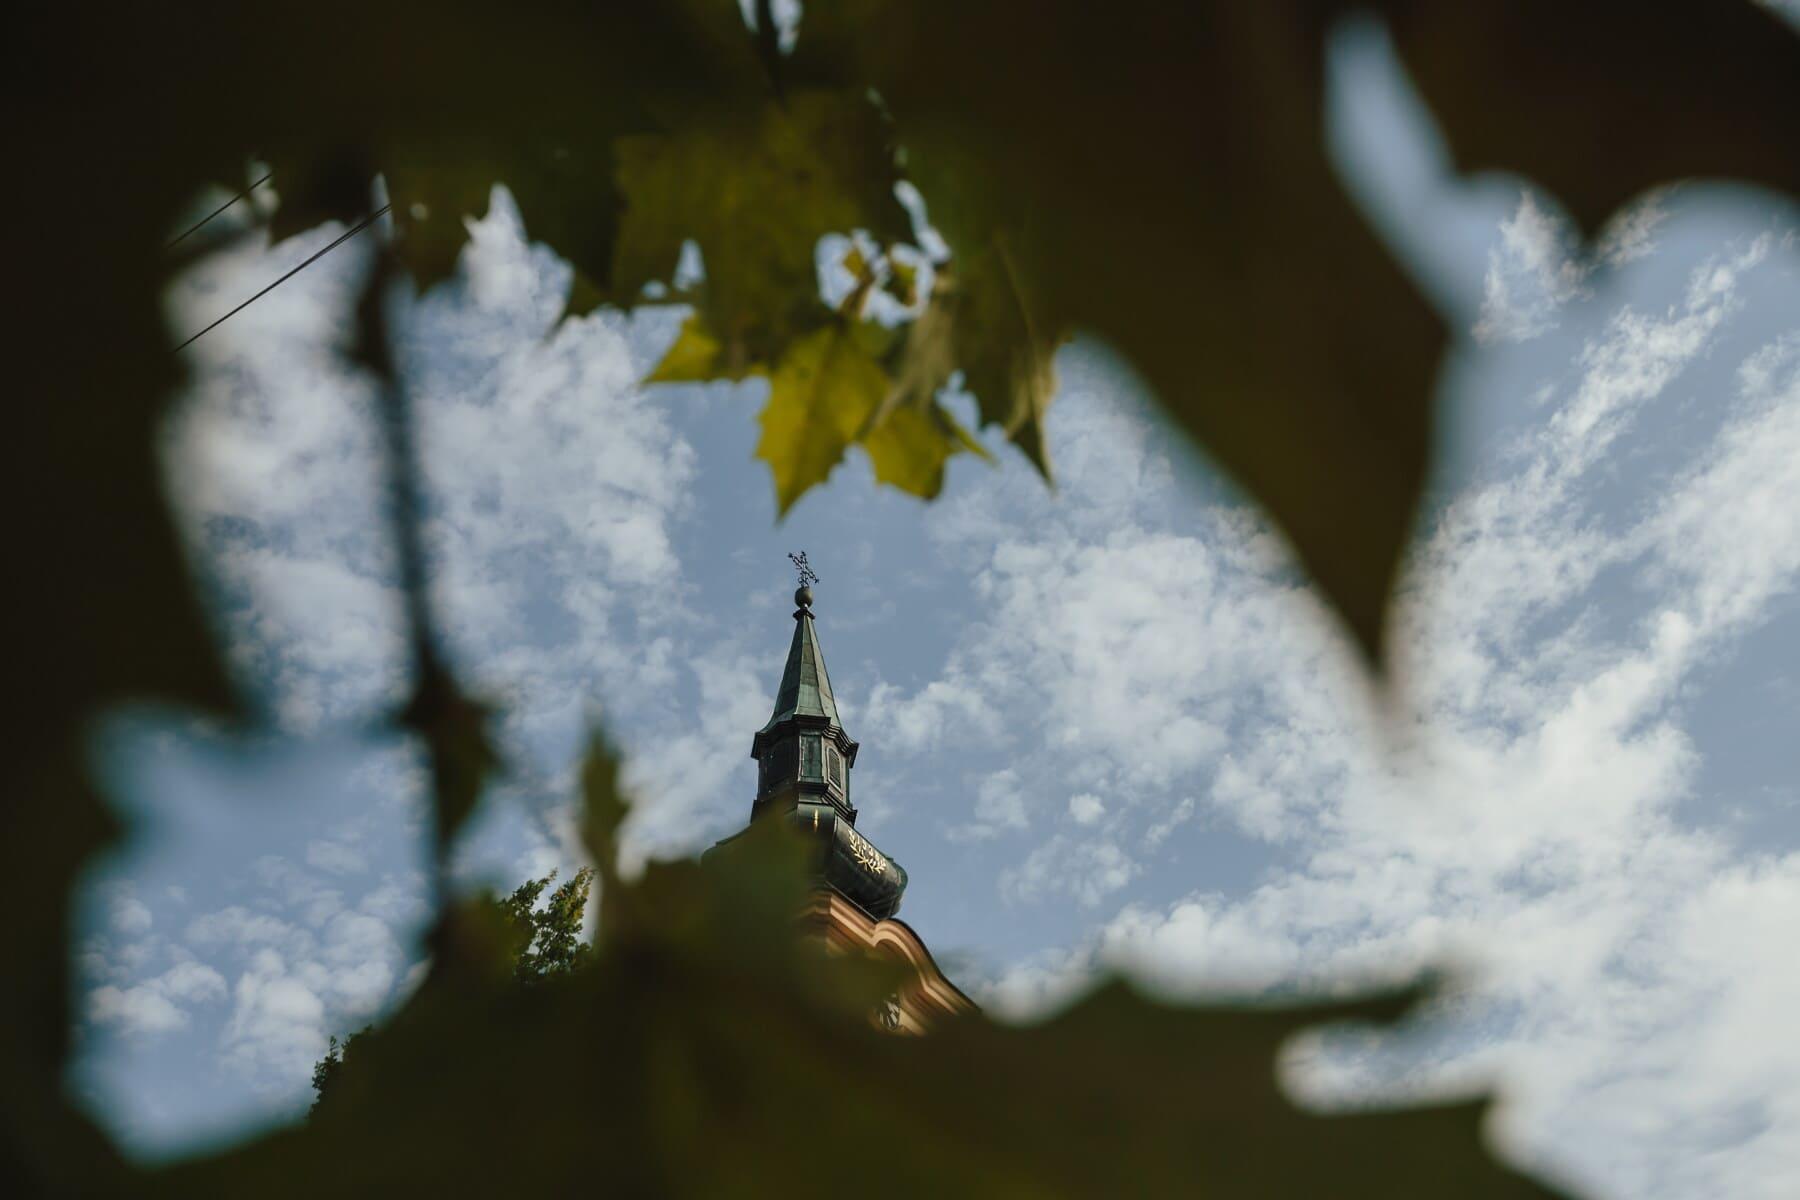 orthodoxe, steeple, distance, feuilles vertes, branches, arbre, feuille, nature, lumière, à l'extérieur